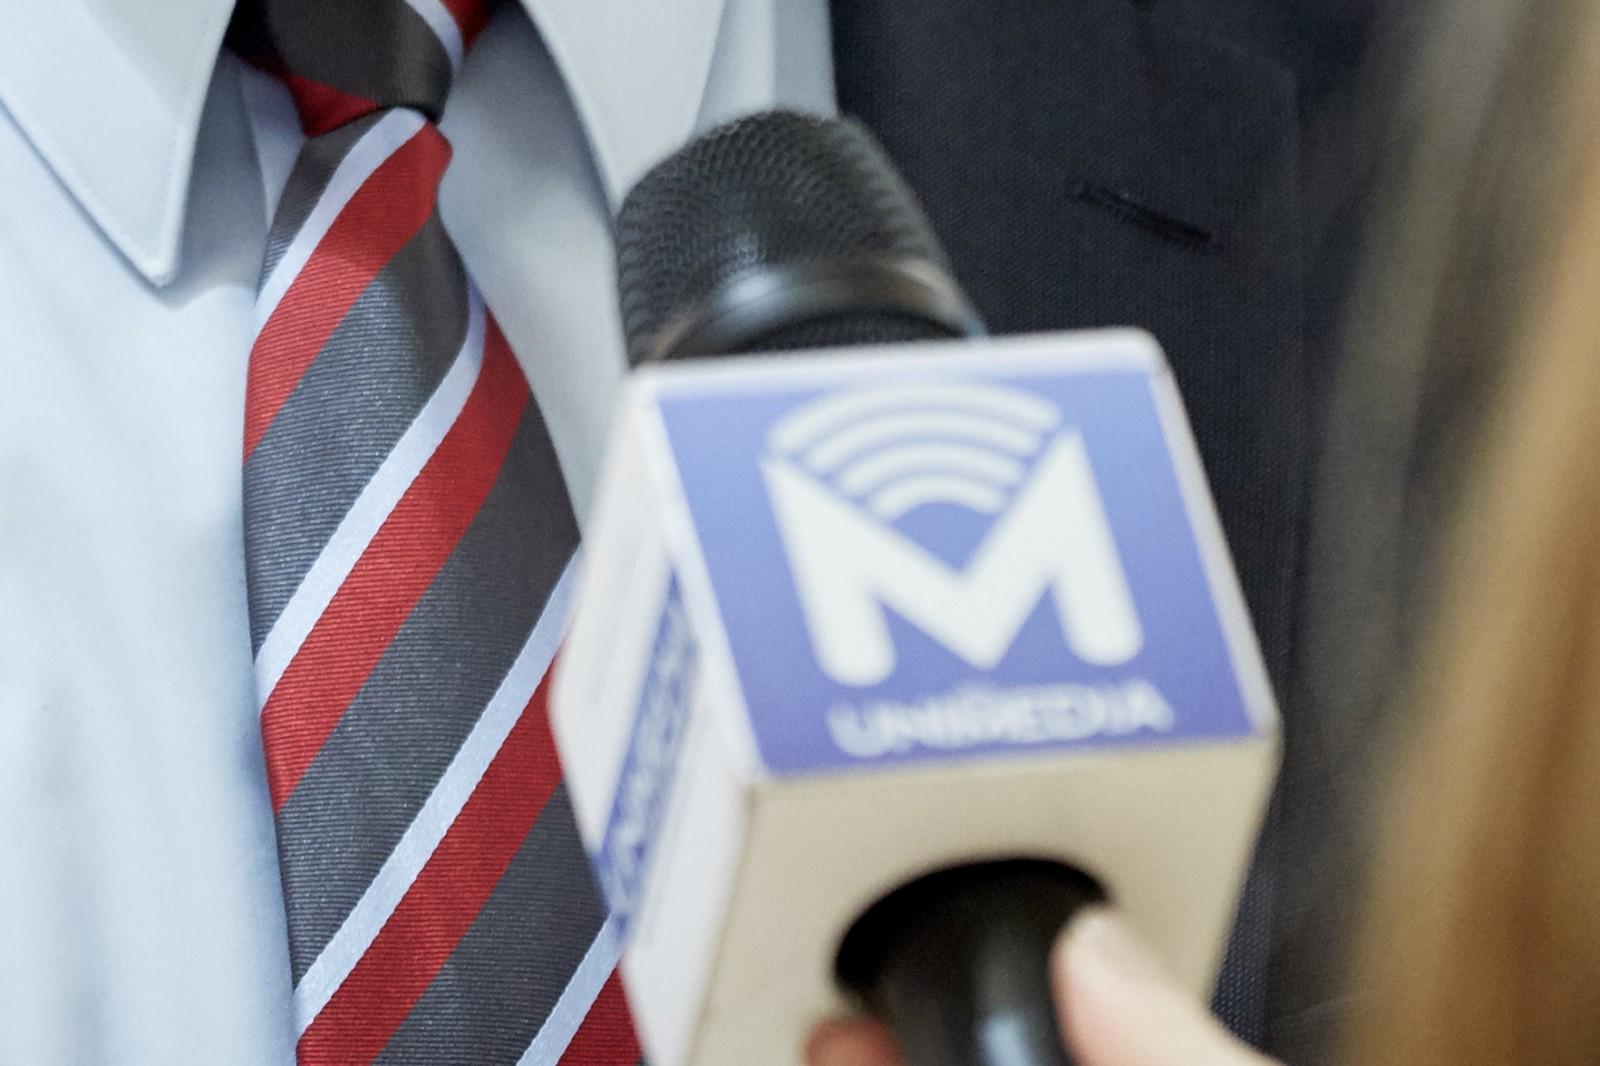 ONG-urile de media condamnă apelul PPEM la adresa UNIMEDIA, TV8 și JurnalTV, privind reflectarea în știri a lui Iuriea Leancă